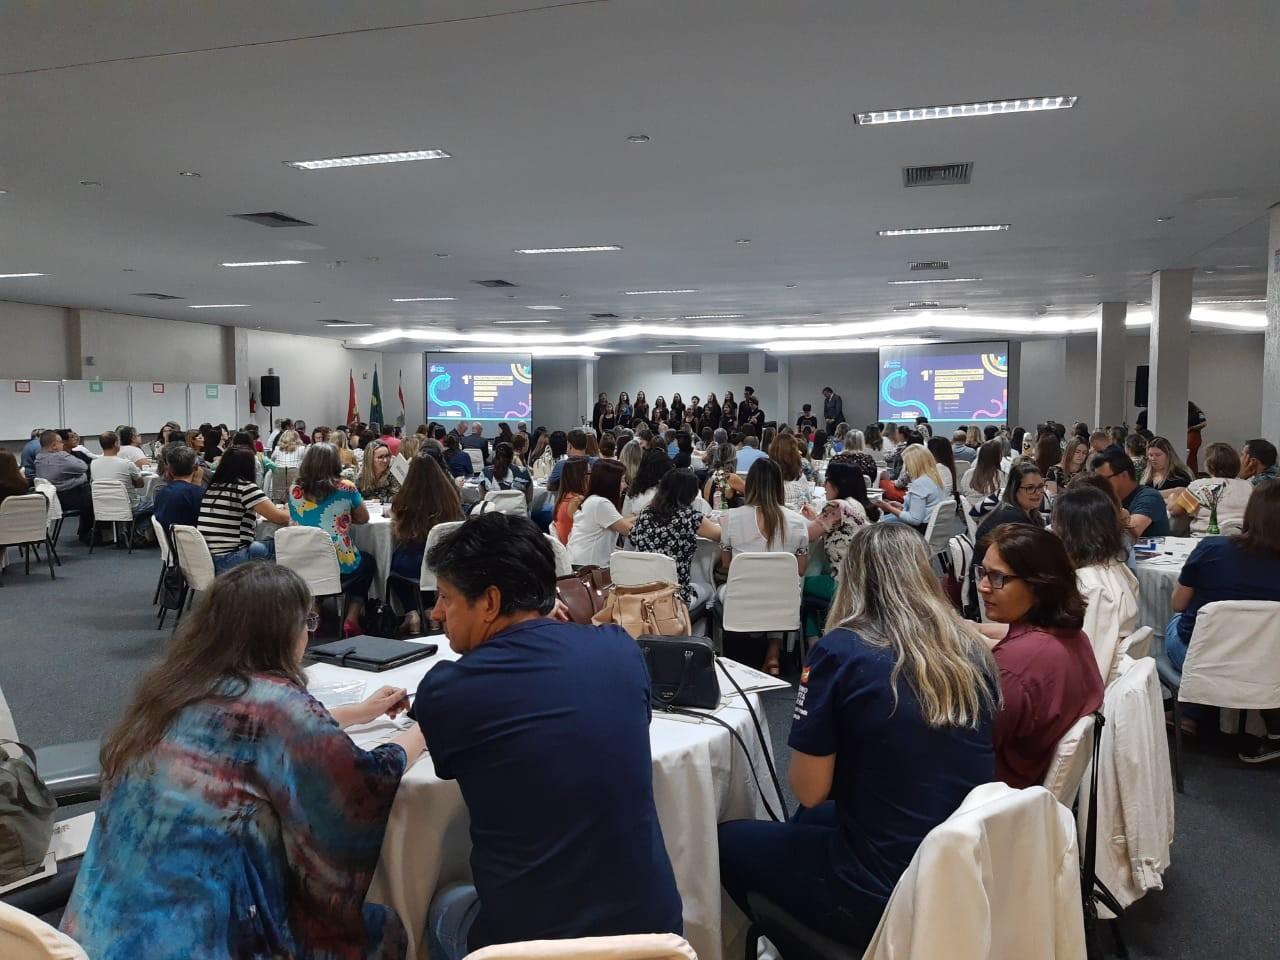 Novo Ensino Médio em SC: confira a lista de escolas que vão implementar a iniciativa em 2020 - Notícias - Plantão Diário